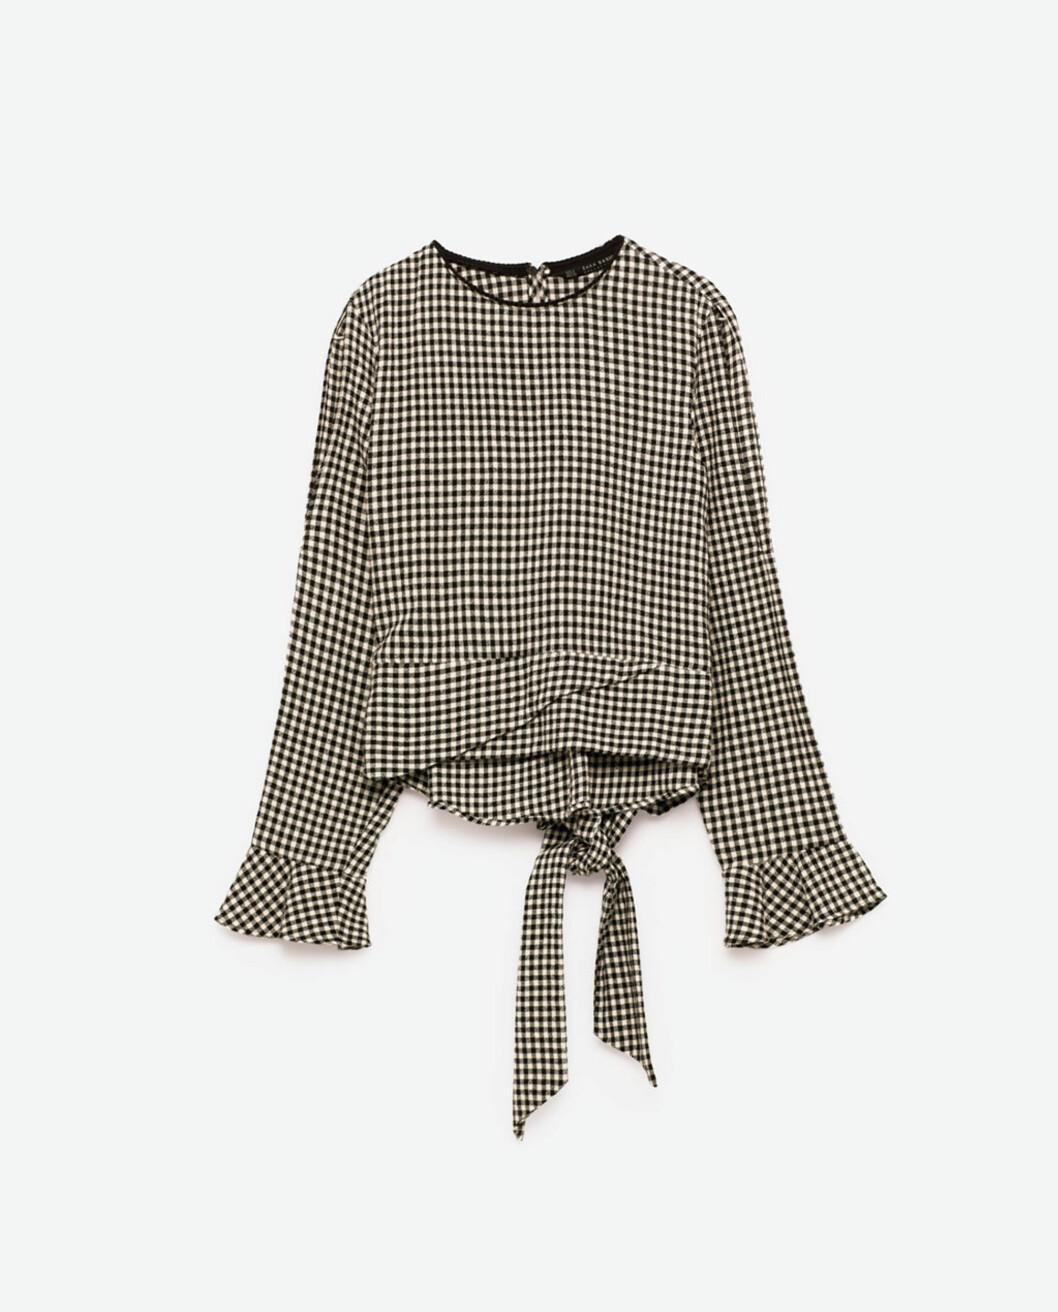 Rutete topp fra Zara | kr 299 | http://www.zara.com/no/no/dame/skjorter/se-alle/topp-med-ginghamruter-c733890p4141050.html